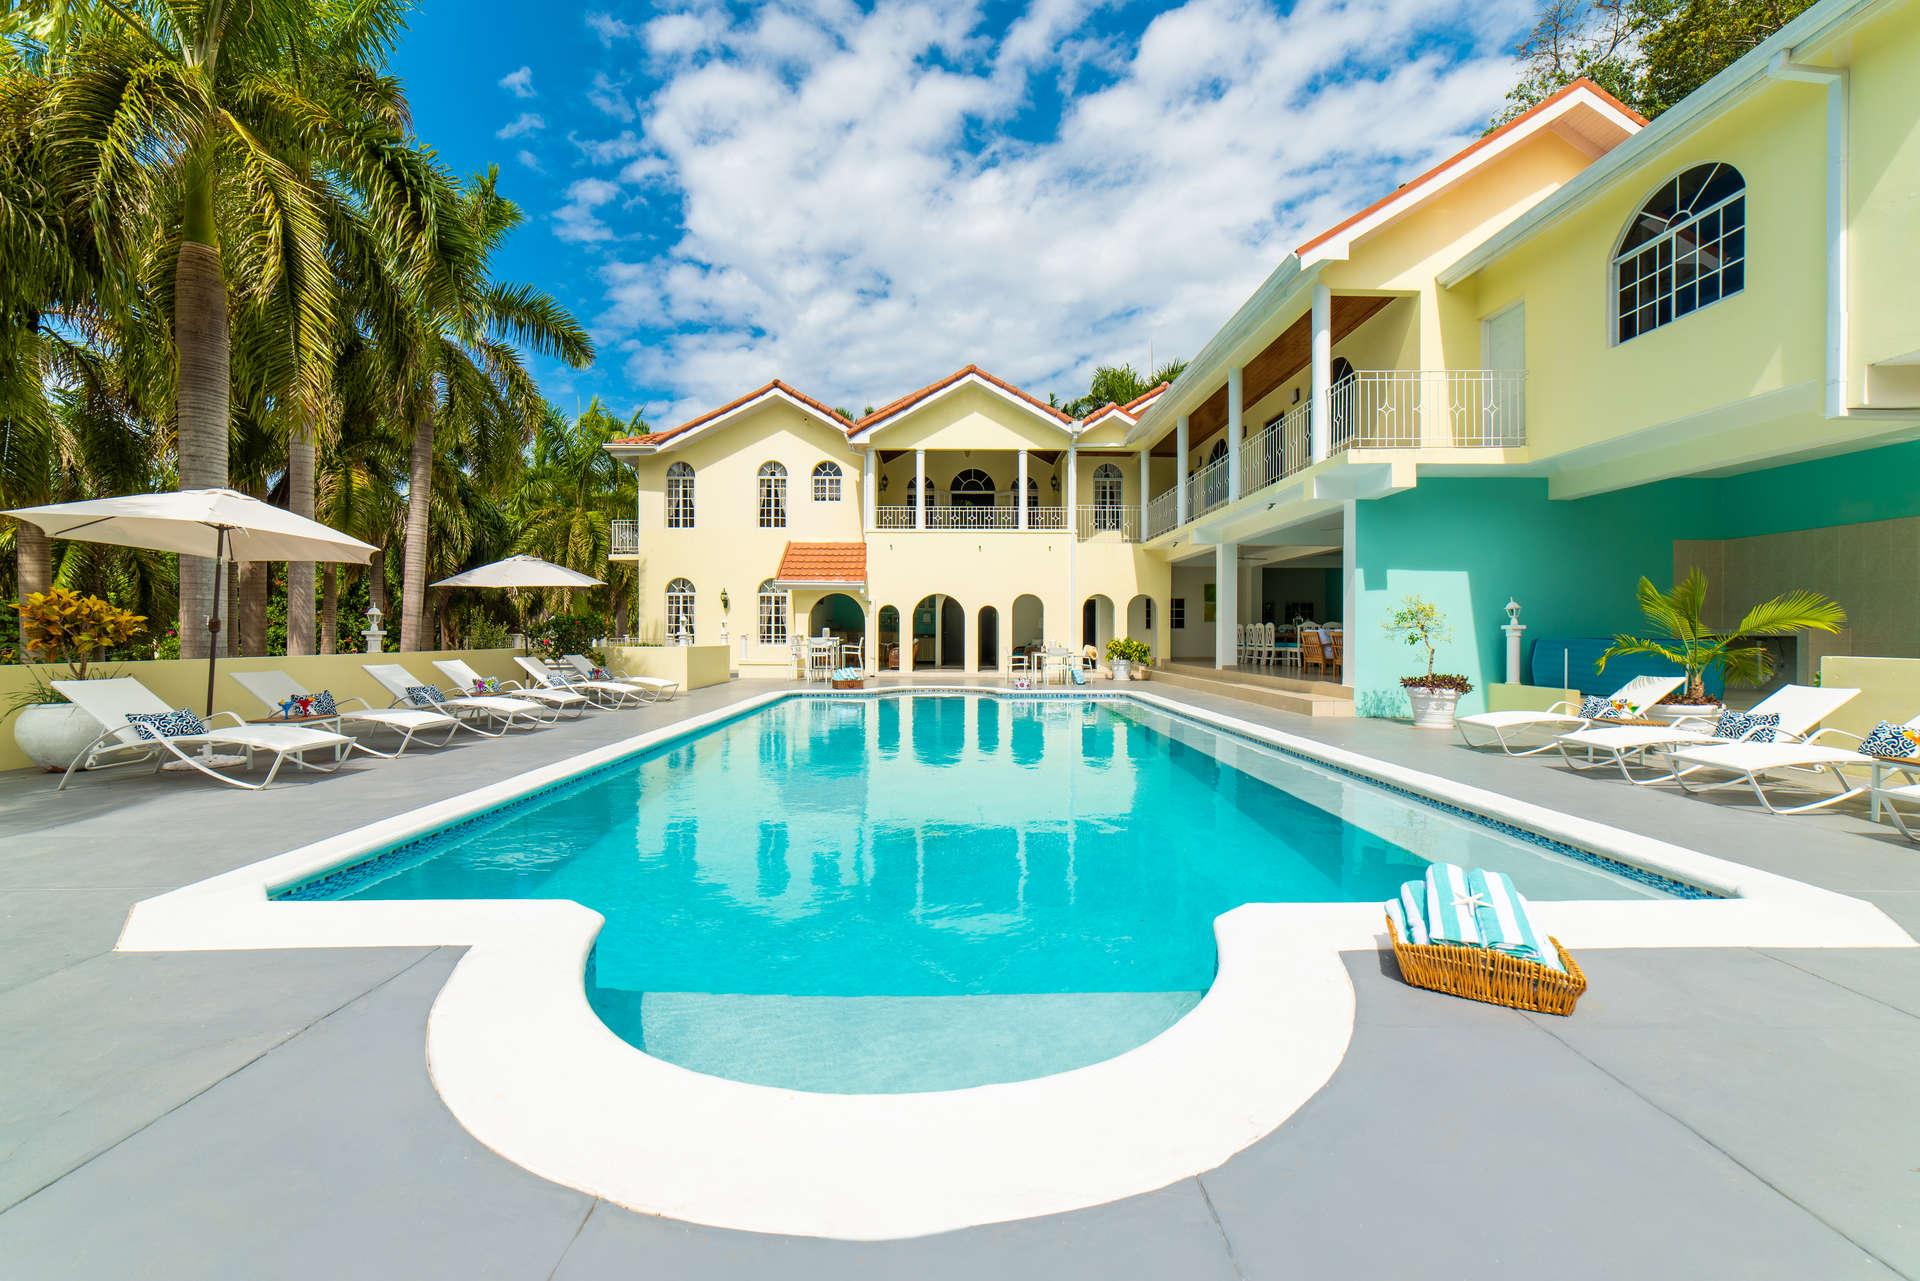 Luxury villa rentals caribbean - Jamaica - Montego bay - No location 4 - Summerhill Villa - Image 1/17